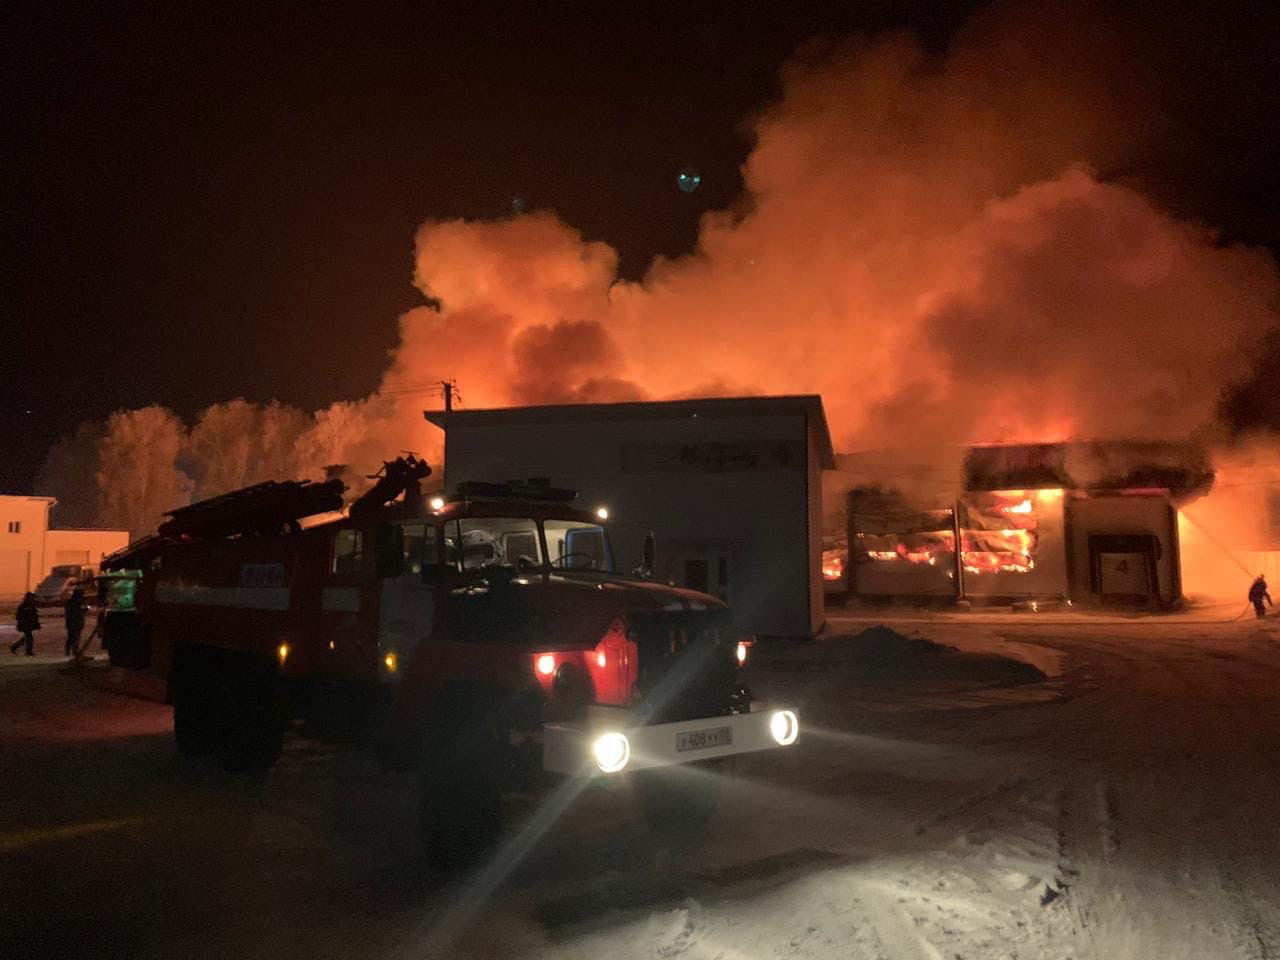 В Башкирии сгорел продуктовый склад. Вчера вечером вспыхнуло одноэтажное здание на улице Газпромовской в селе Акбердино Иглинского района.  По данным МЧС, огнем было охвачено 1 500 квадратных метров. Пожару присвоили повышенный класс опасности, его тушили